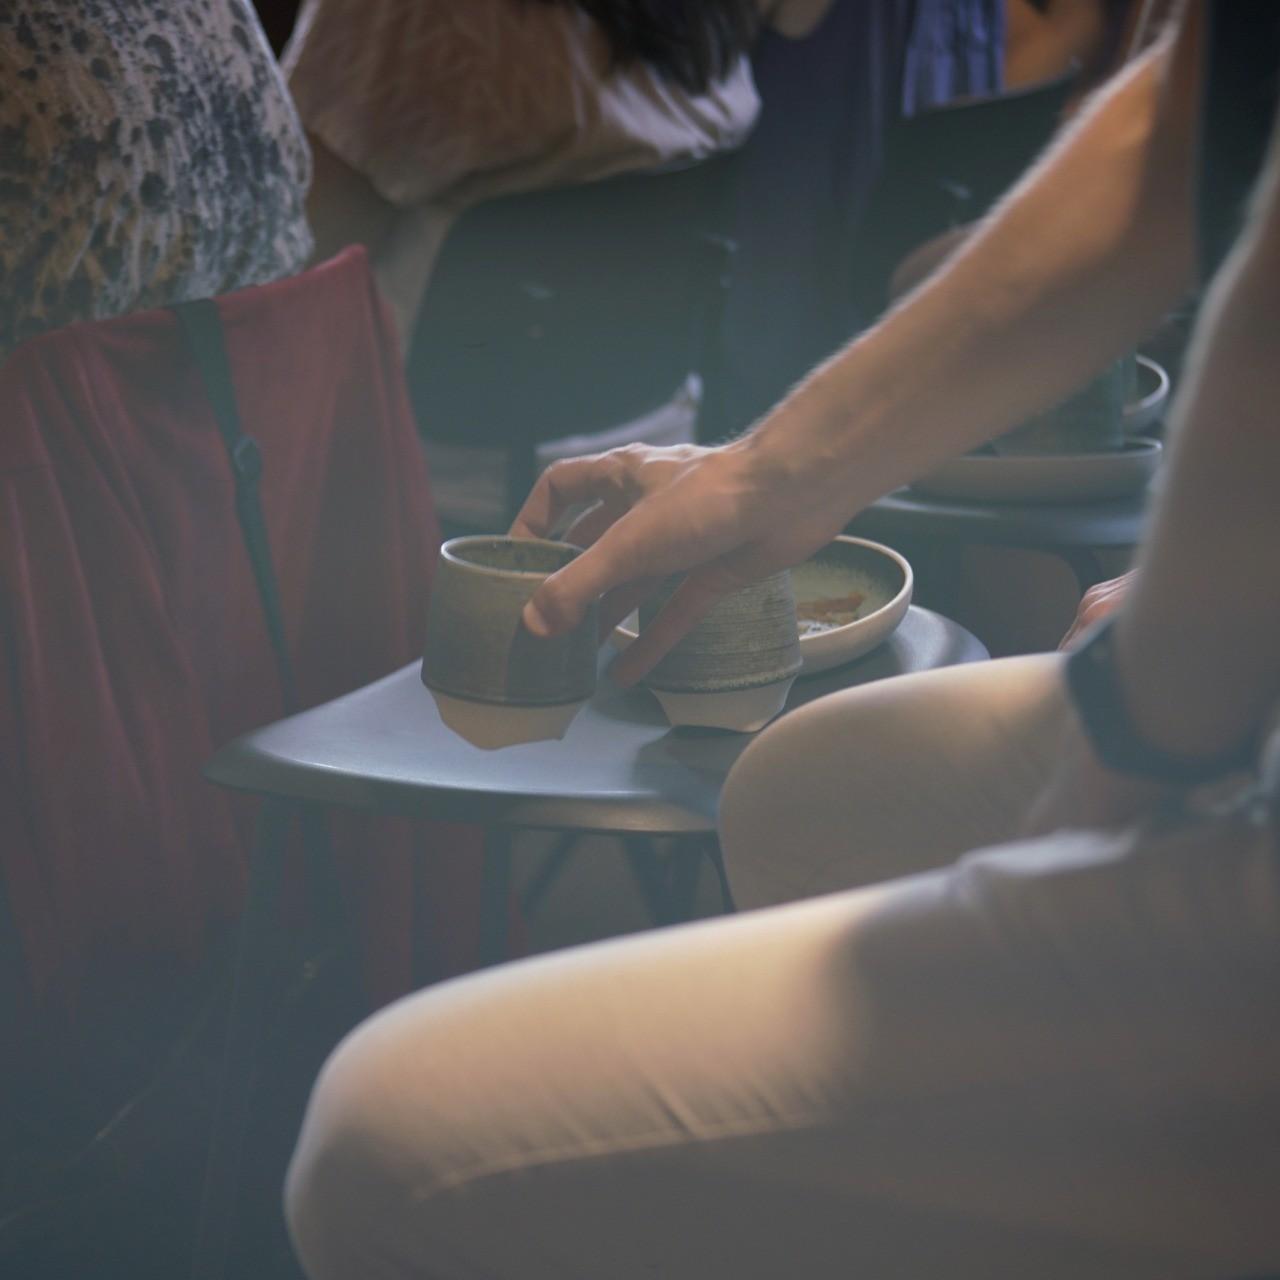 Event fotografering til Instagram: Kaffe - en vigtig del af en Creative Morning - skudt med Lomography Neptune